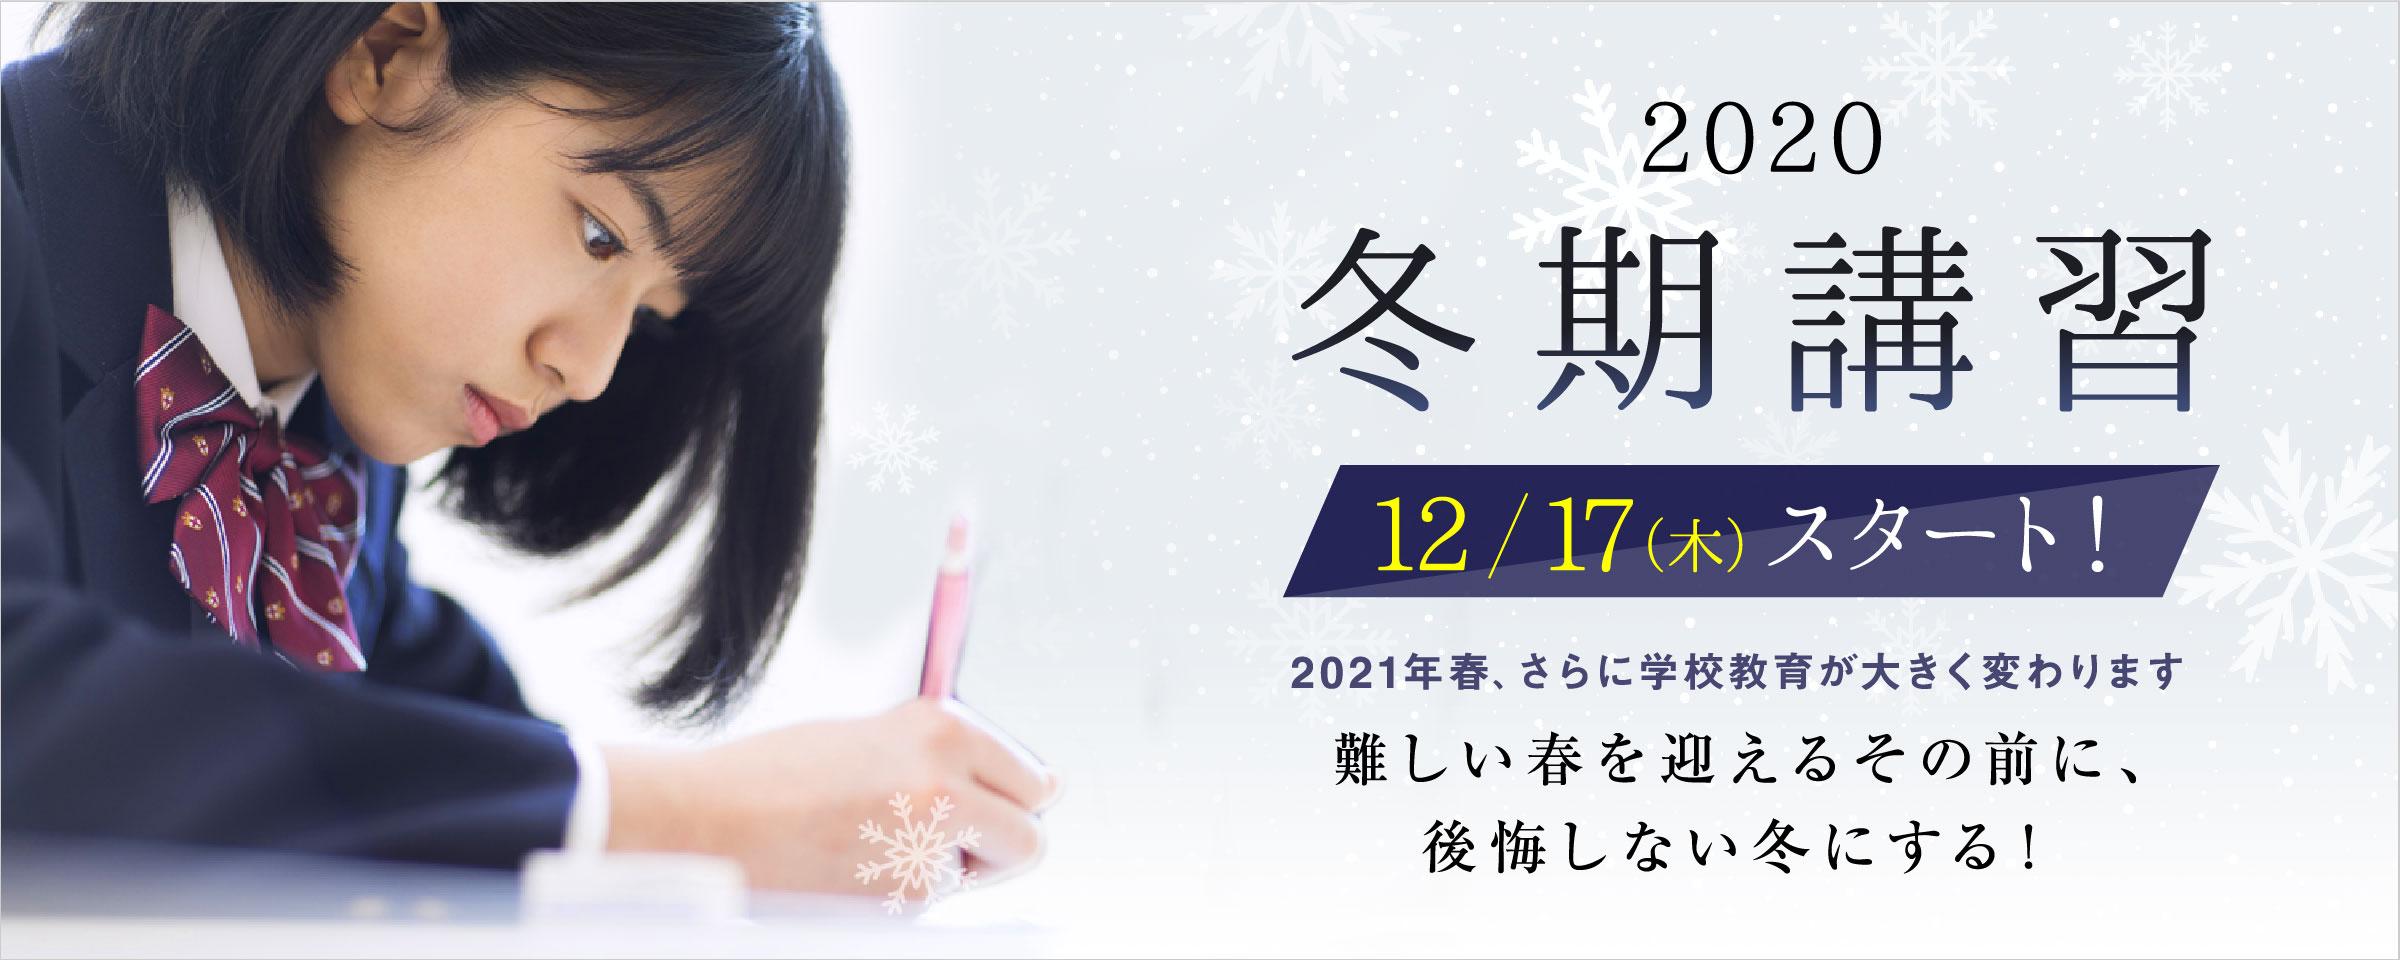 2020冬季講習 12/17(木)スタート